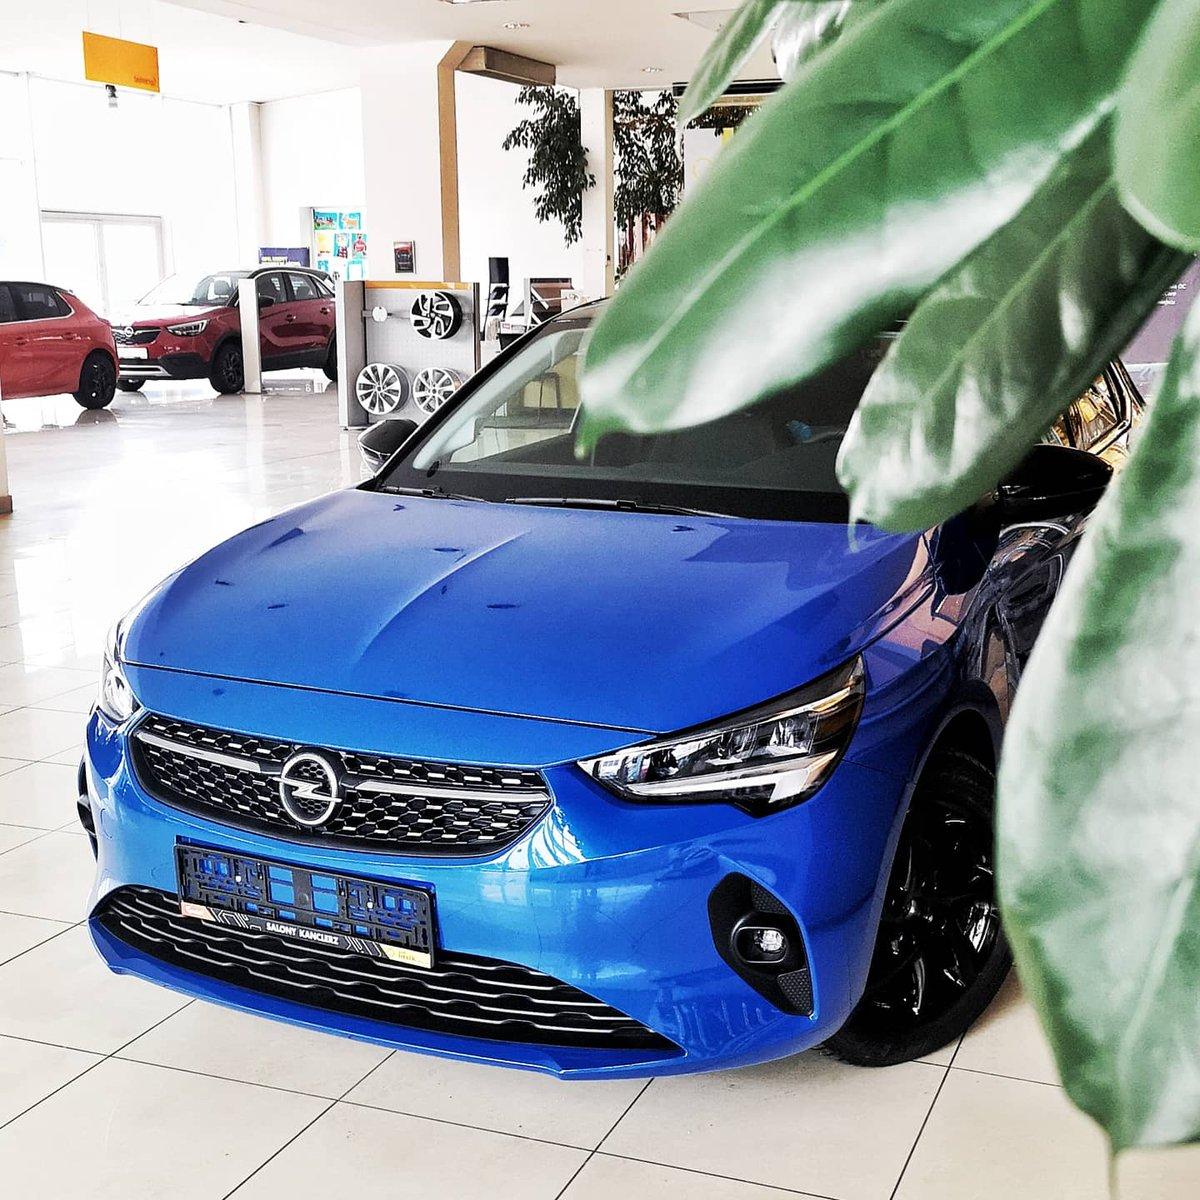 #Voltaic to kolejny niezwykły kolor nowej #CorsaF 😍 Ten mały miejski samochód potrafi nieźle zaskoczyć. Testowaliście już❓💪  #corsa #opelcorsa #Opel #OpelPolska #opellovers #OpelPl #OpelPoland #opelkanclerz #salonykanclerz #car #carphotos #polandcar #newcar #carlovers